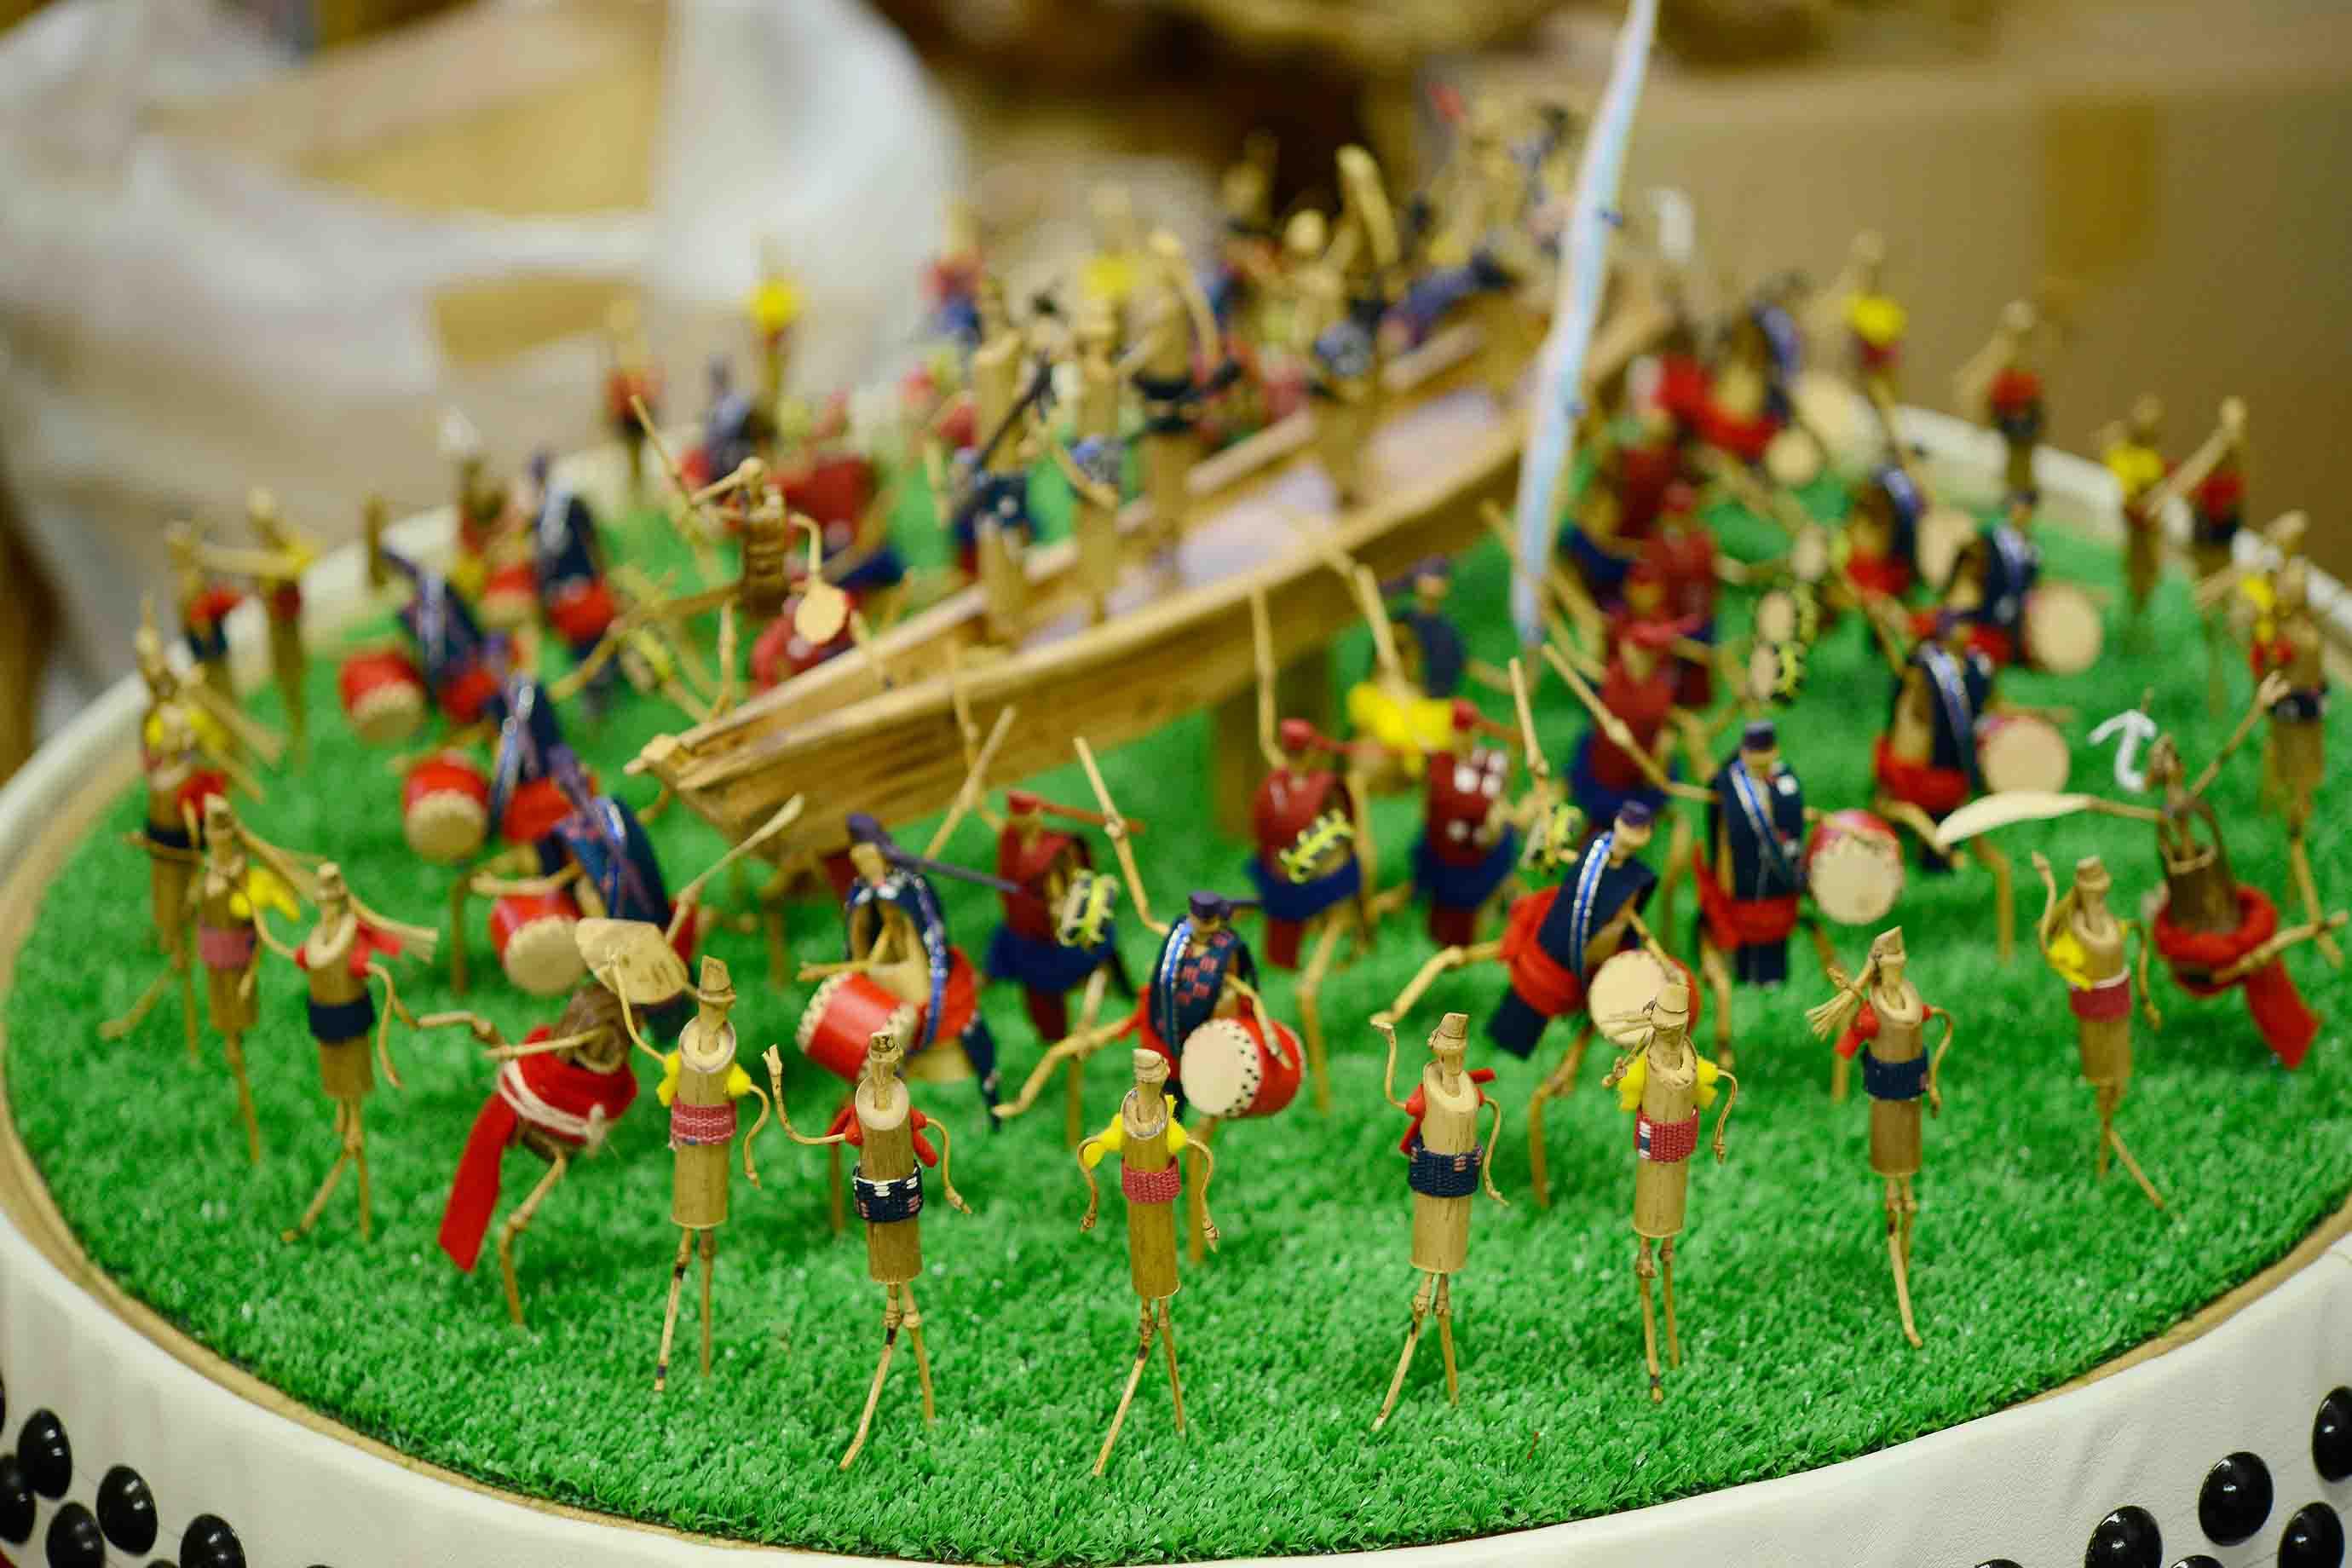 沖縄のお祭りの様子を竹細工で作ったもの。知花花織を着た竹の人形が楽しませてくれます